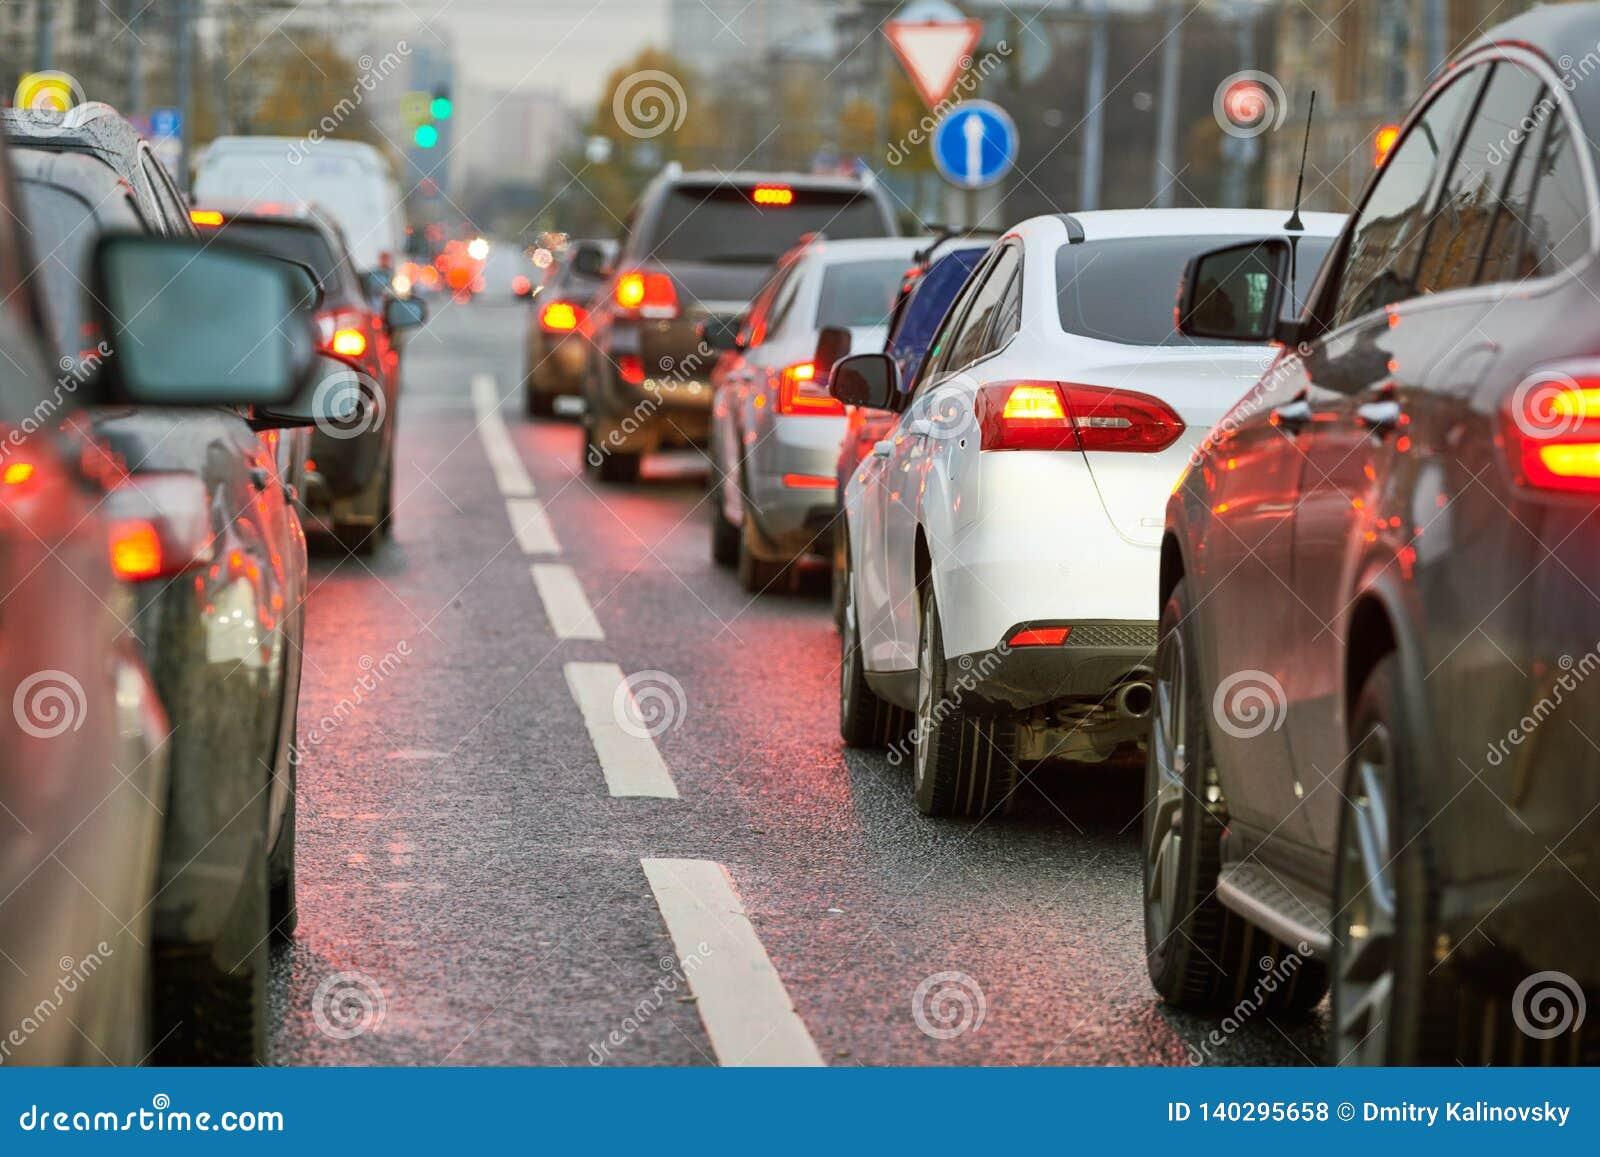 Opstopping of automobiele instorting in een weg van de stadsstraat